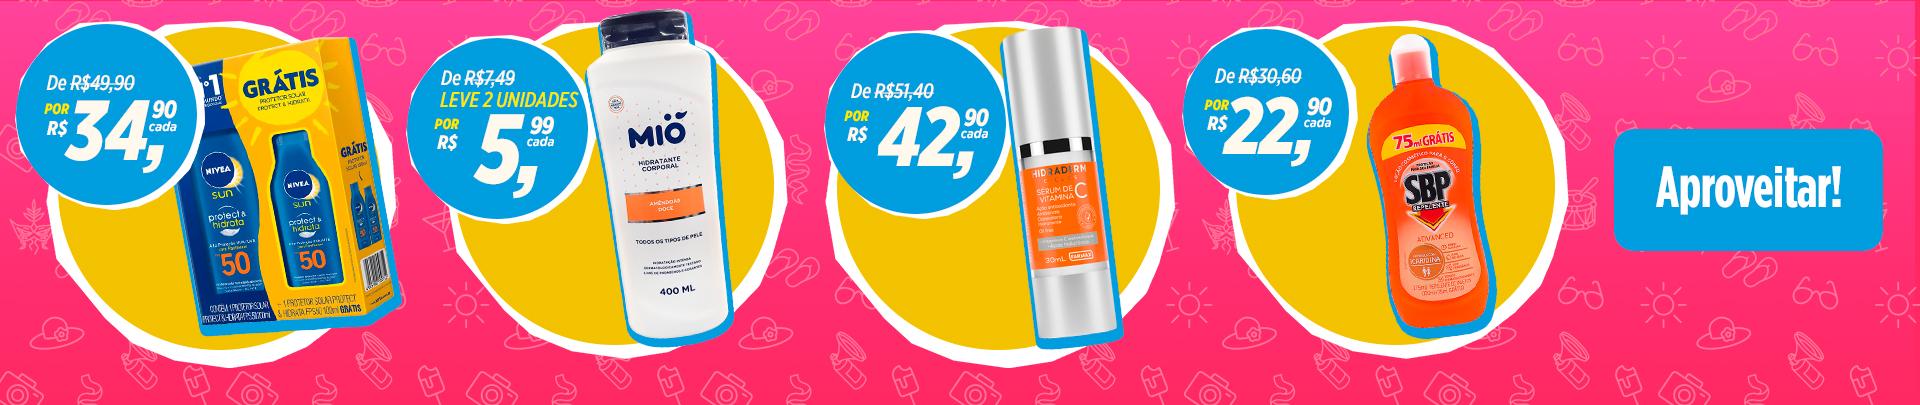 TAb349_Perfumaria2